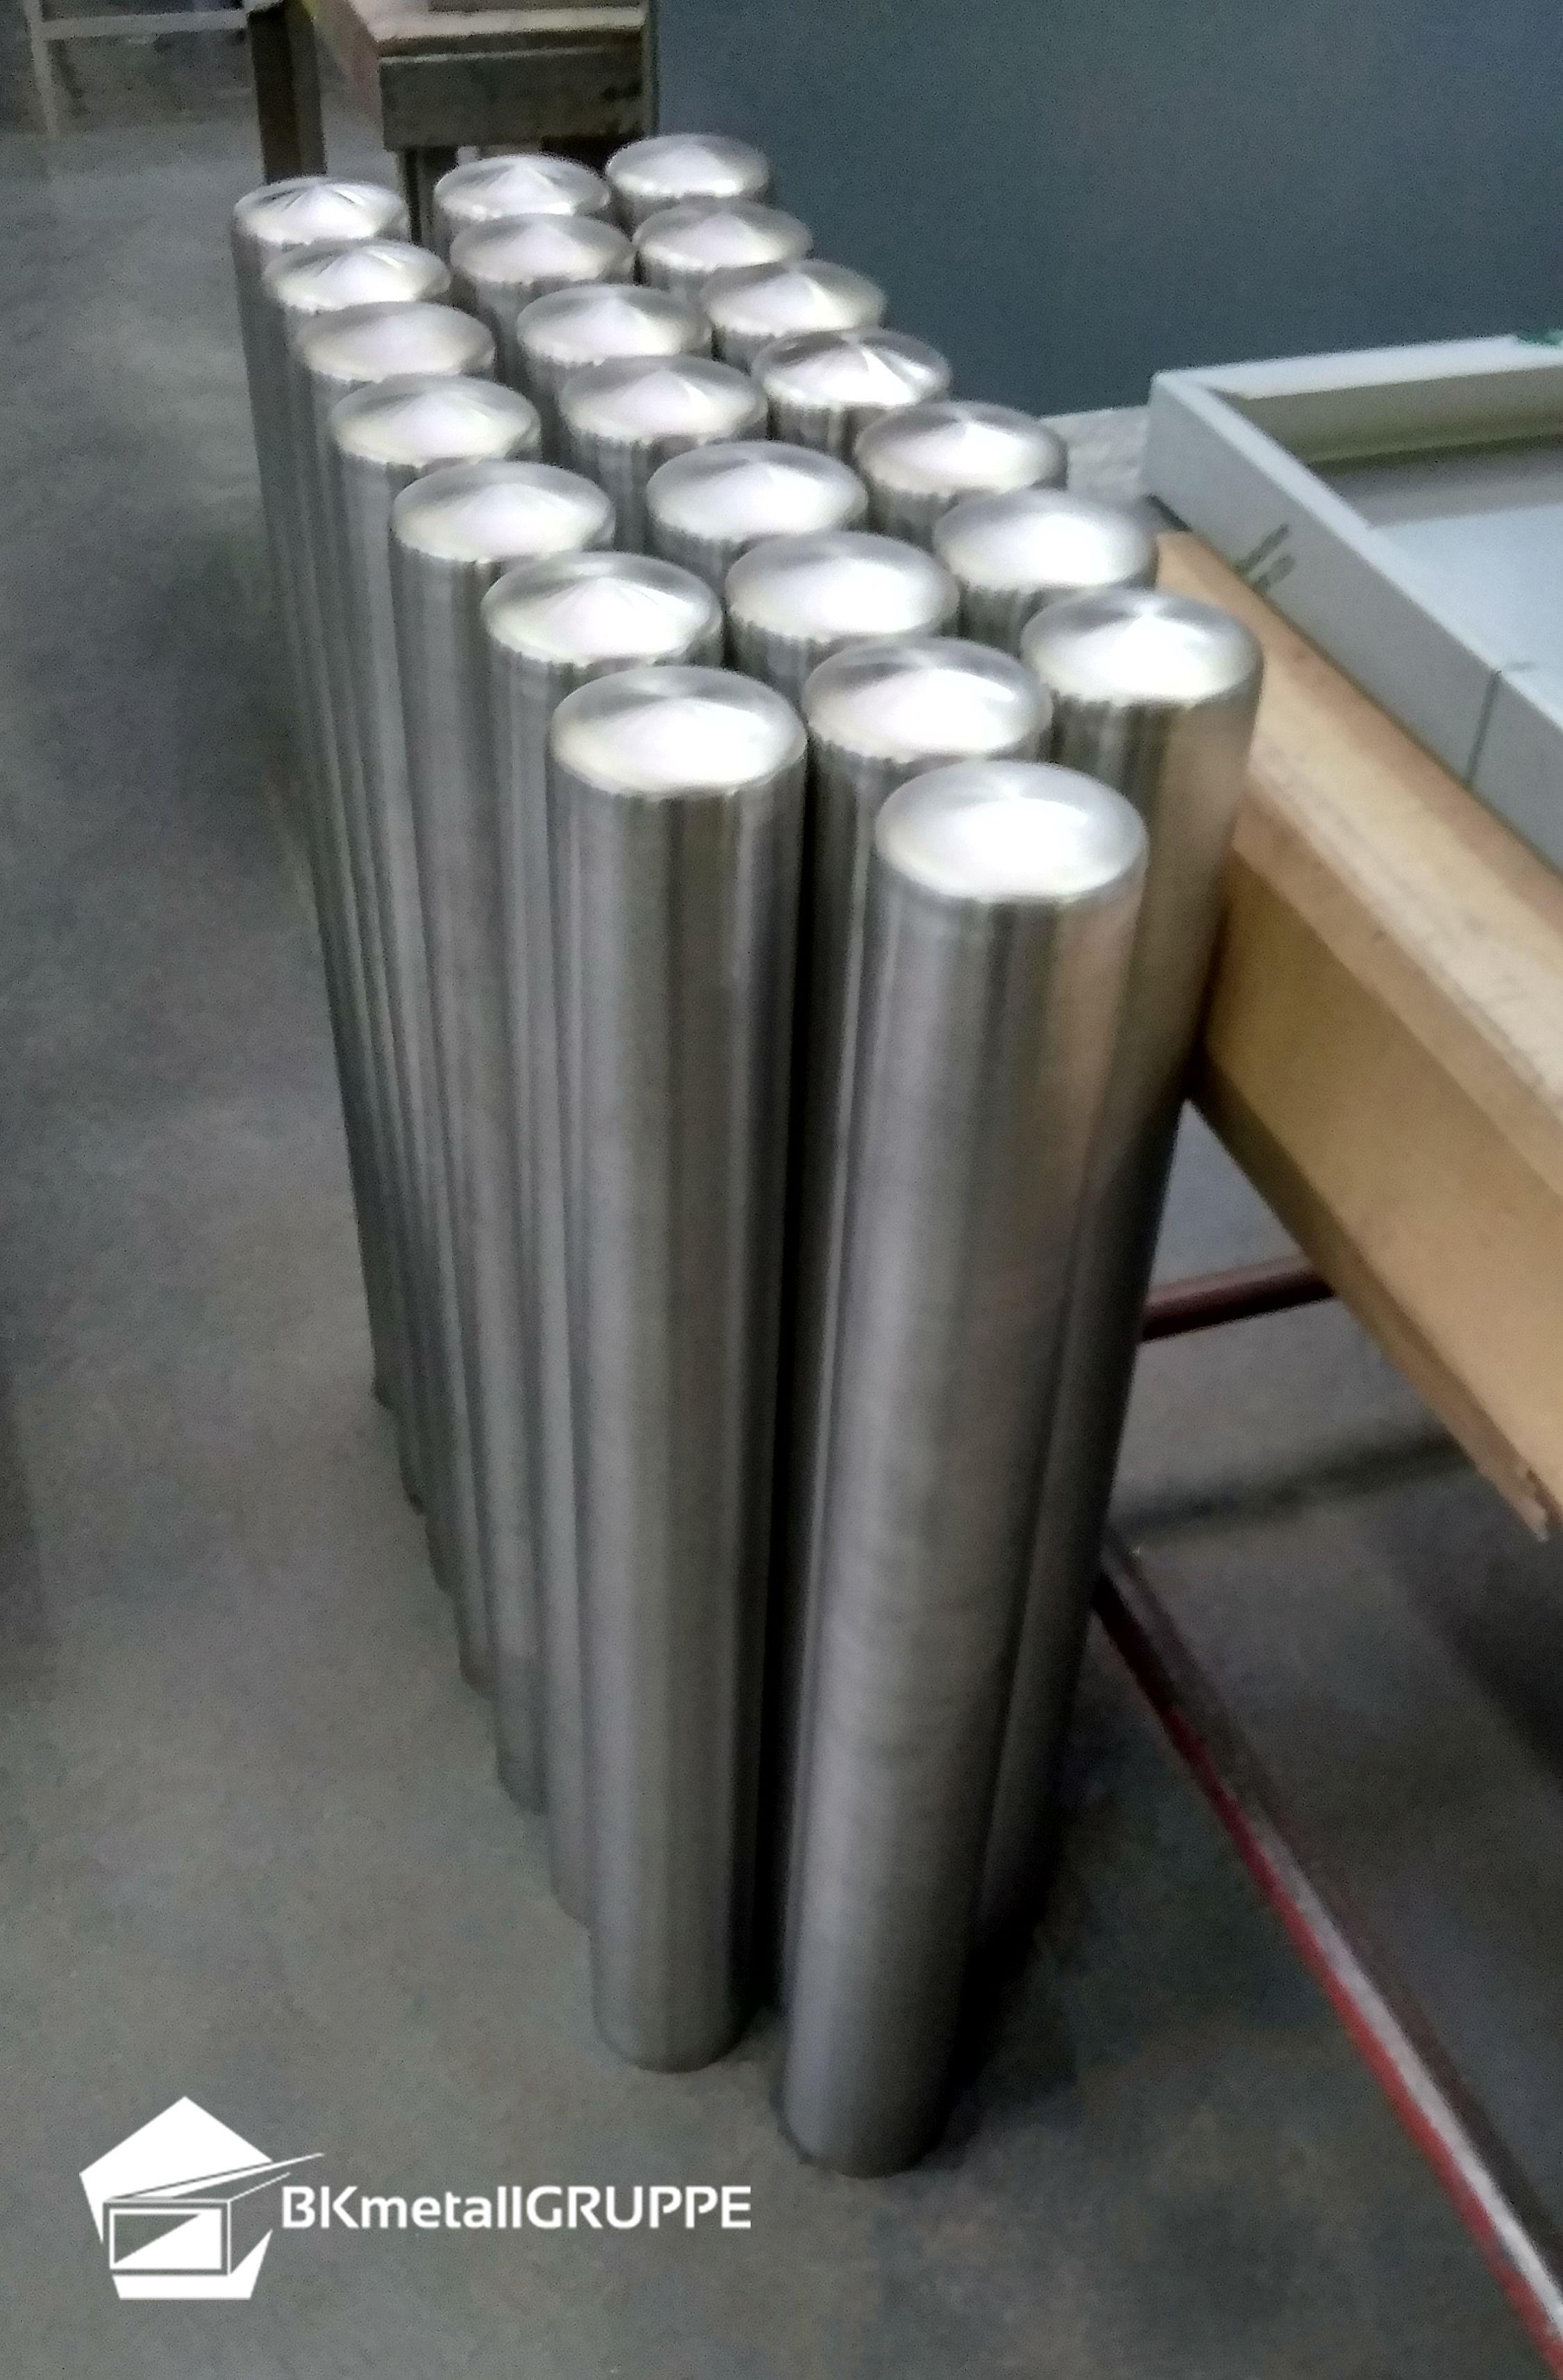 Edelstahlpoller Stahl Metall Edel